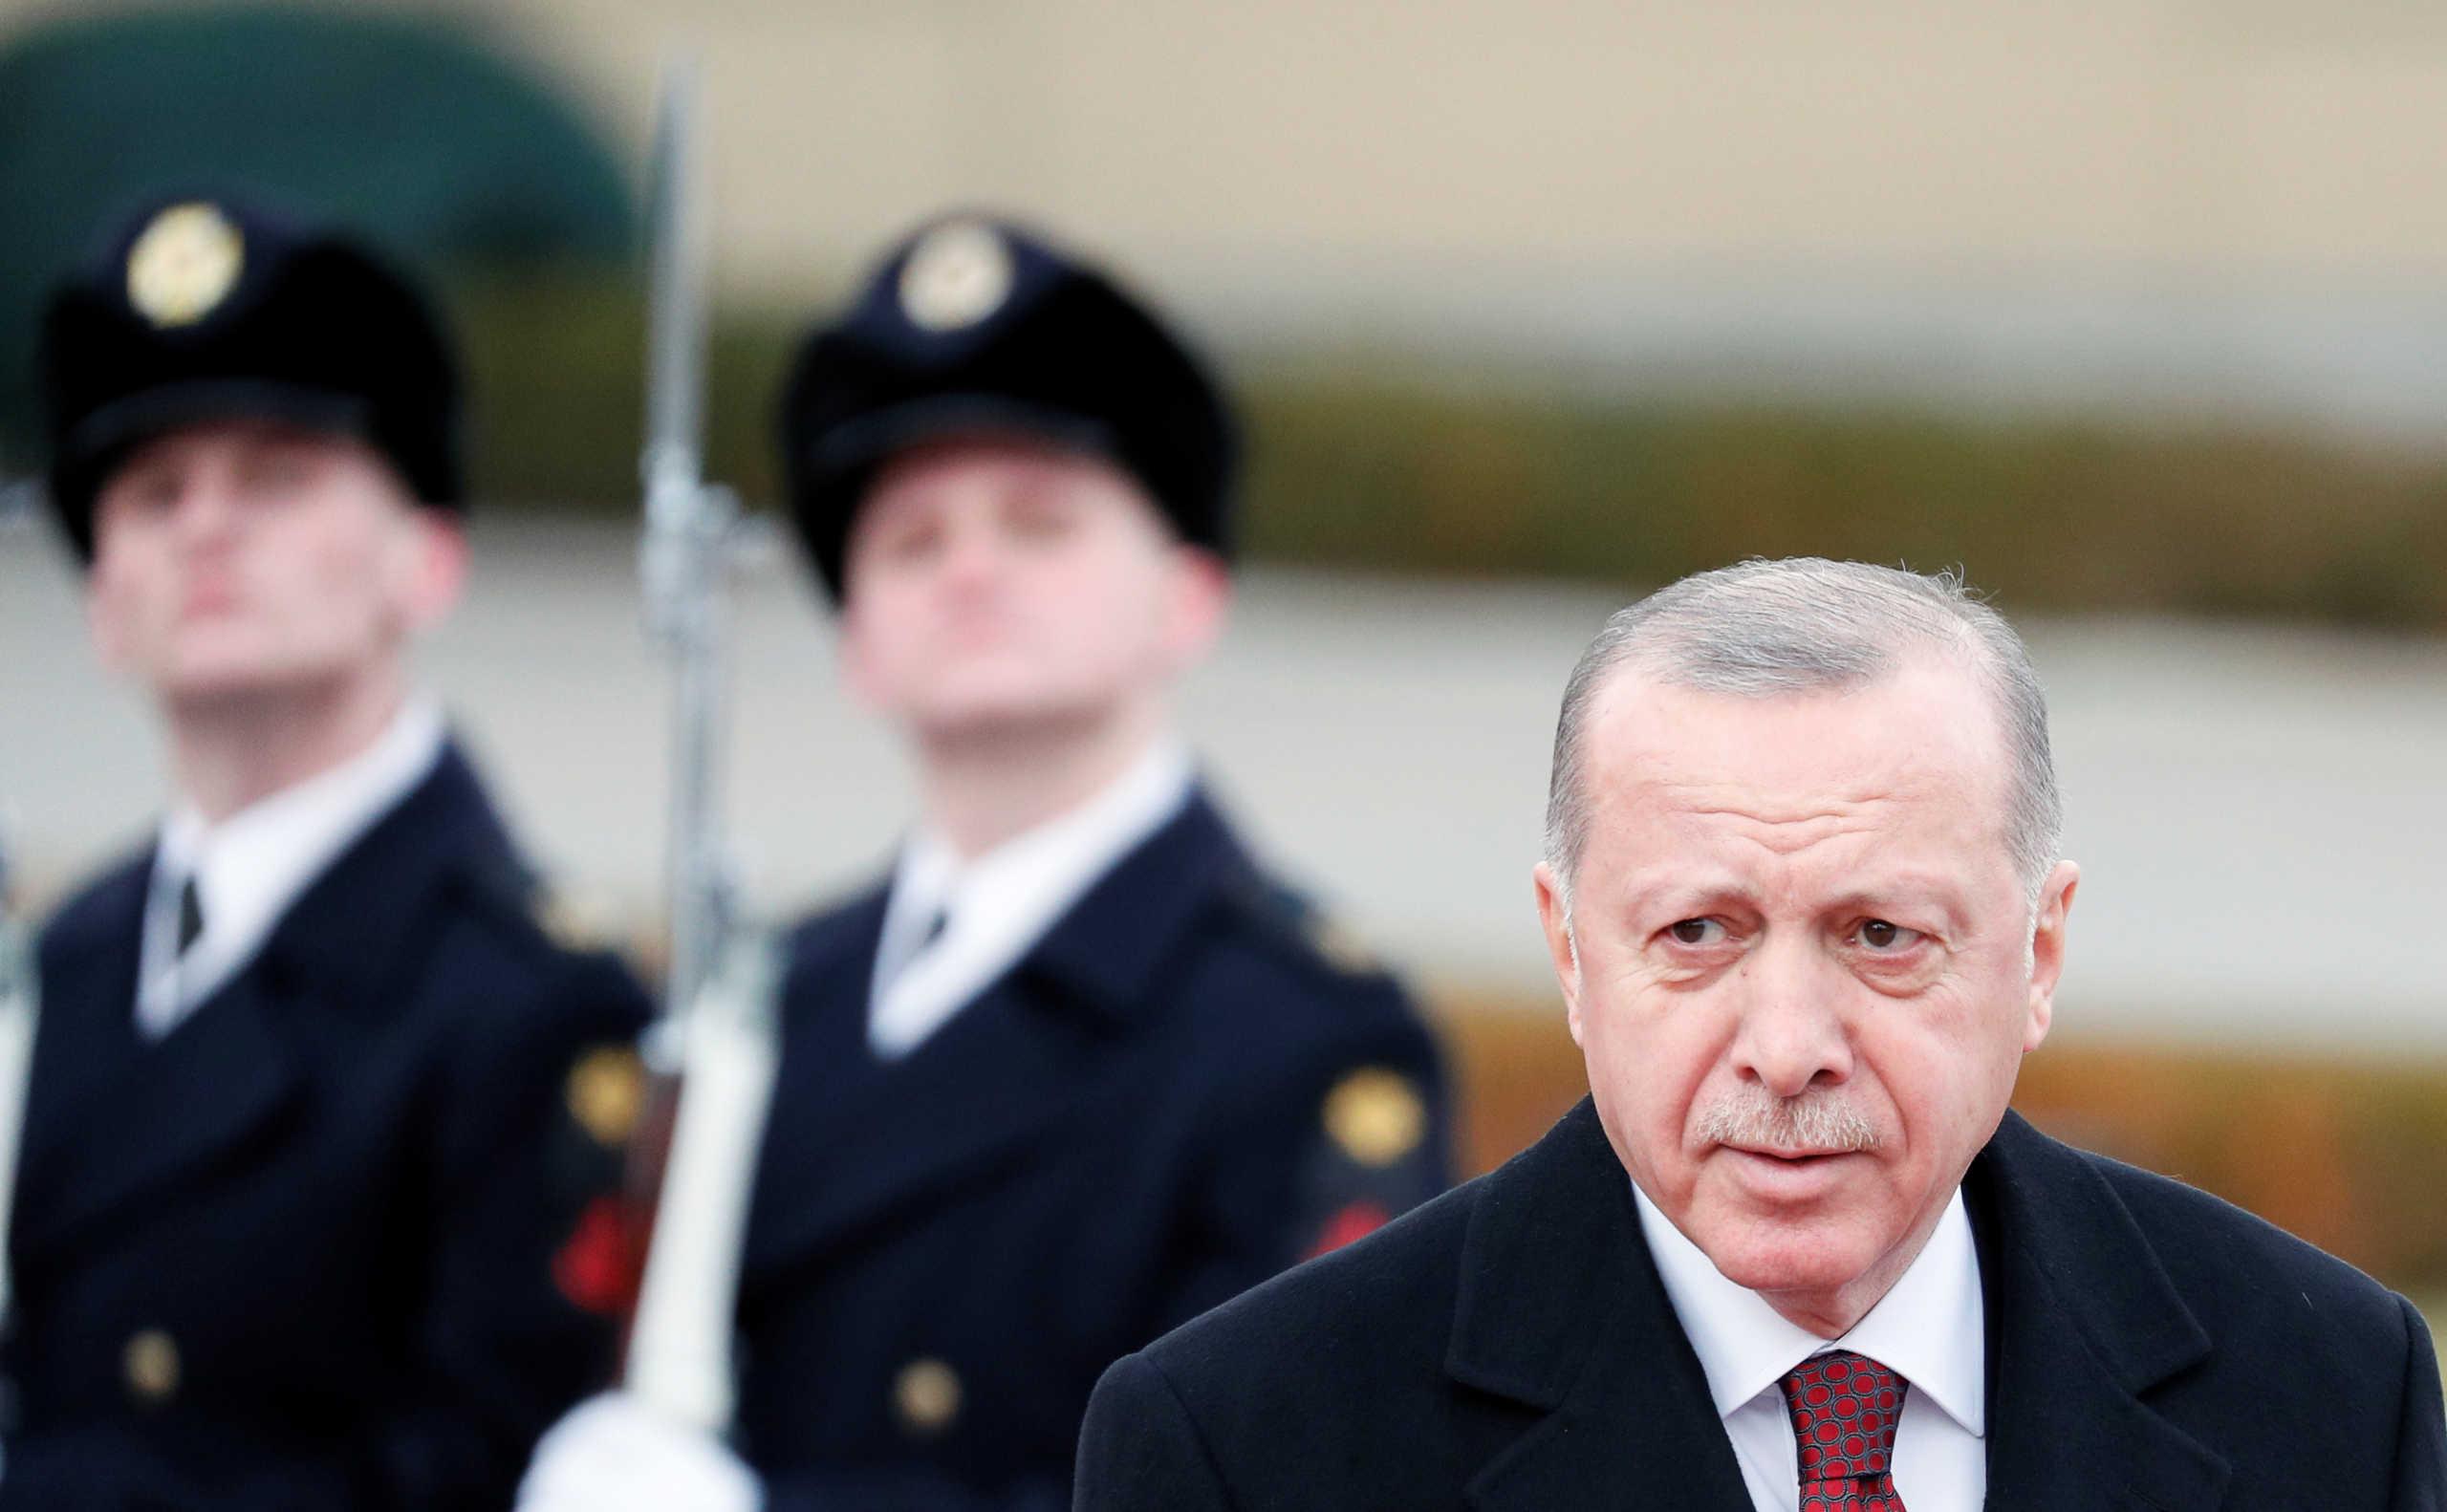 Συναγερμός στην Τουρκία! Αμερικανικό think tank «βλέπει» νέα απόπειρα πραξικοπήματος κατά του Ερντογάν